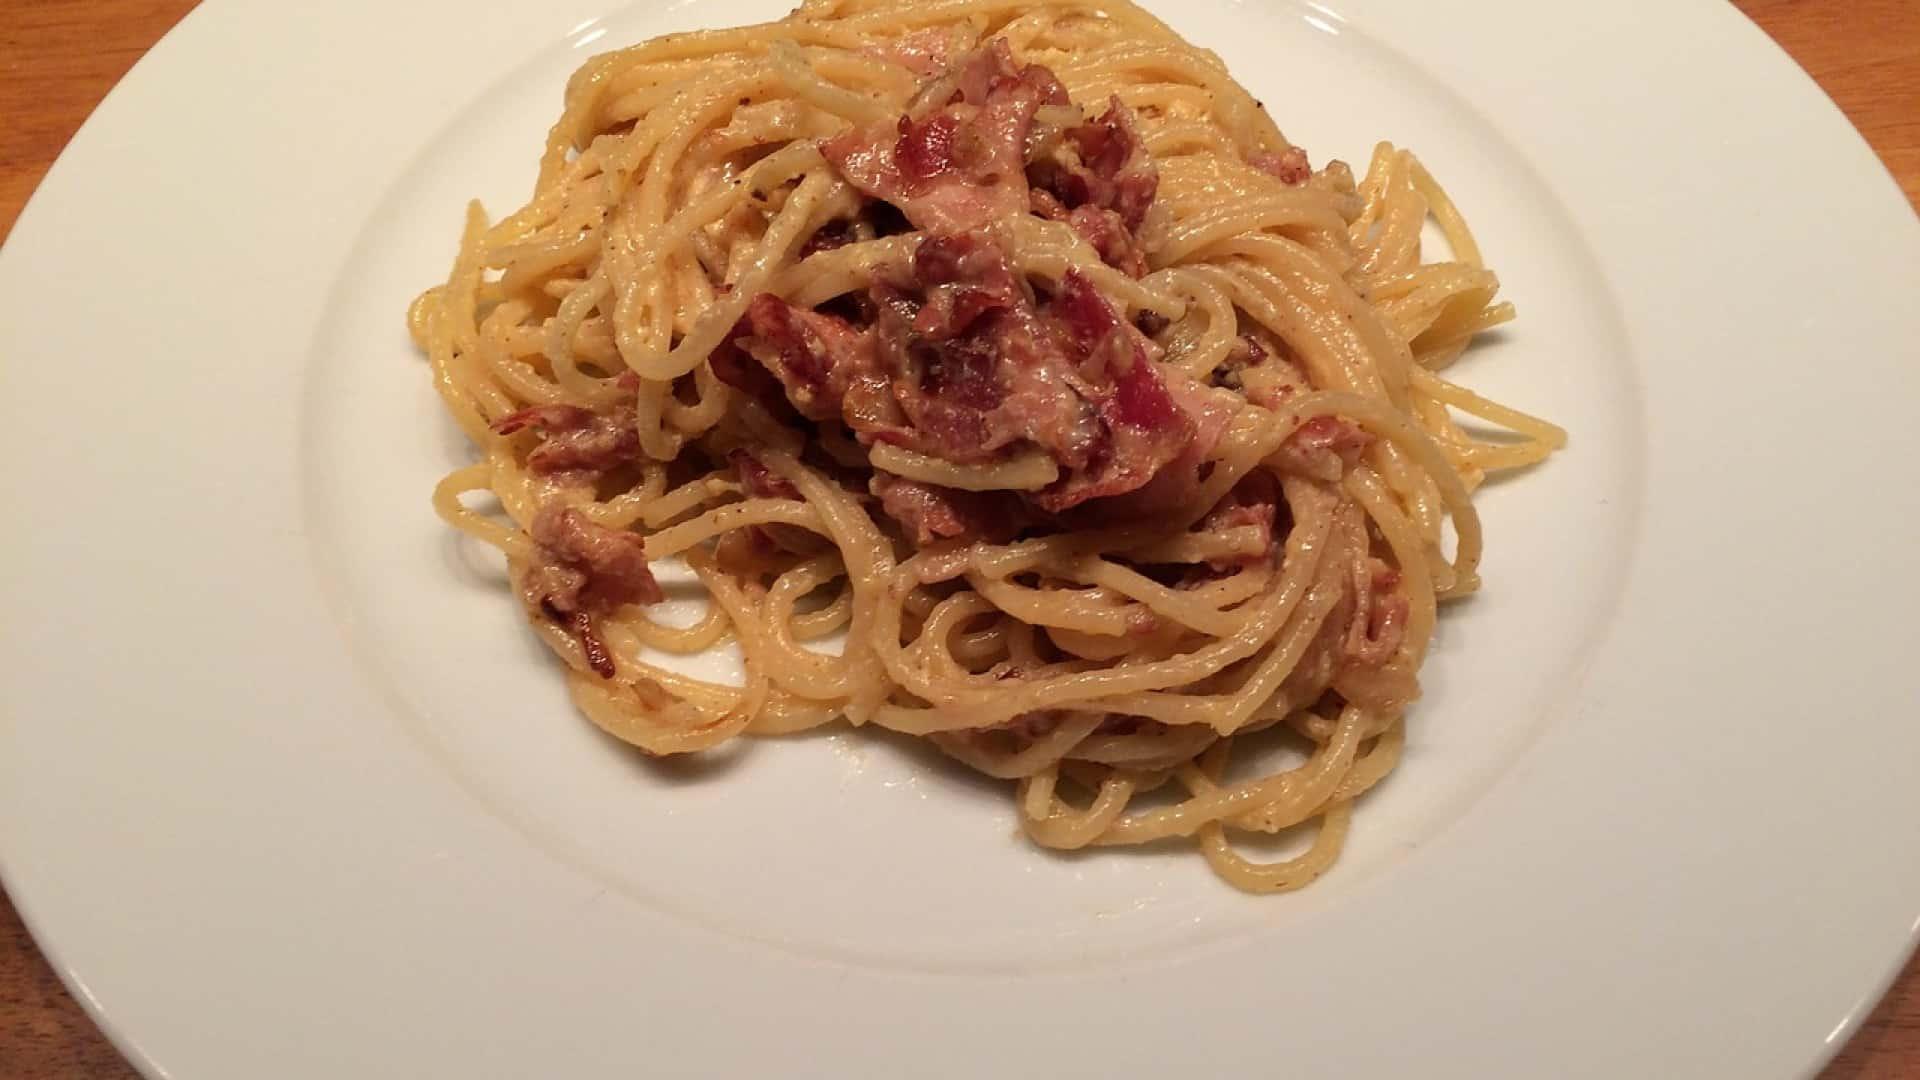 Recette de Spaghettis carbonara : comment la préparer ?